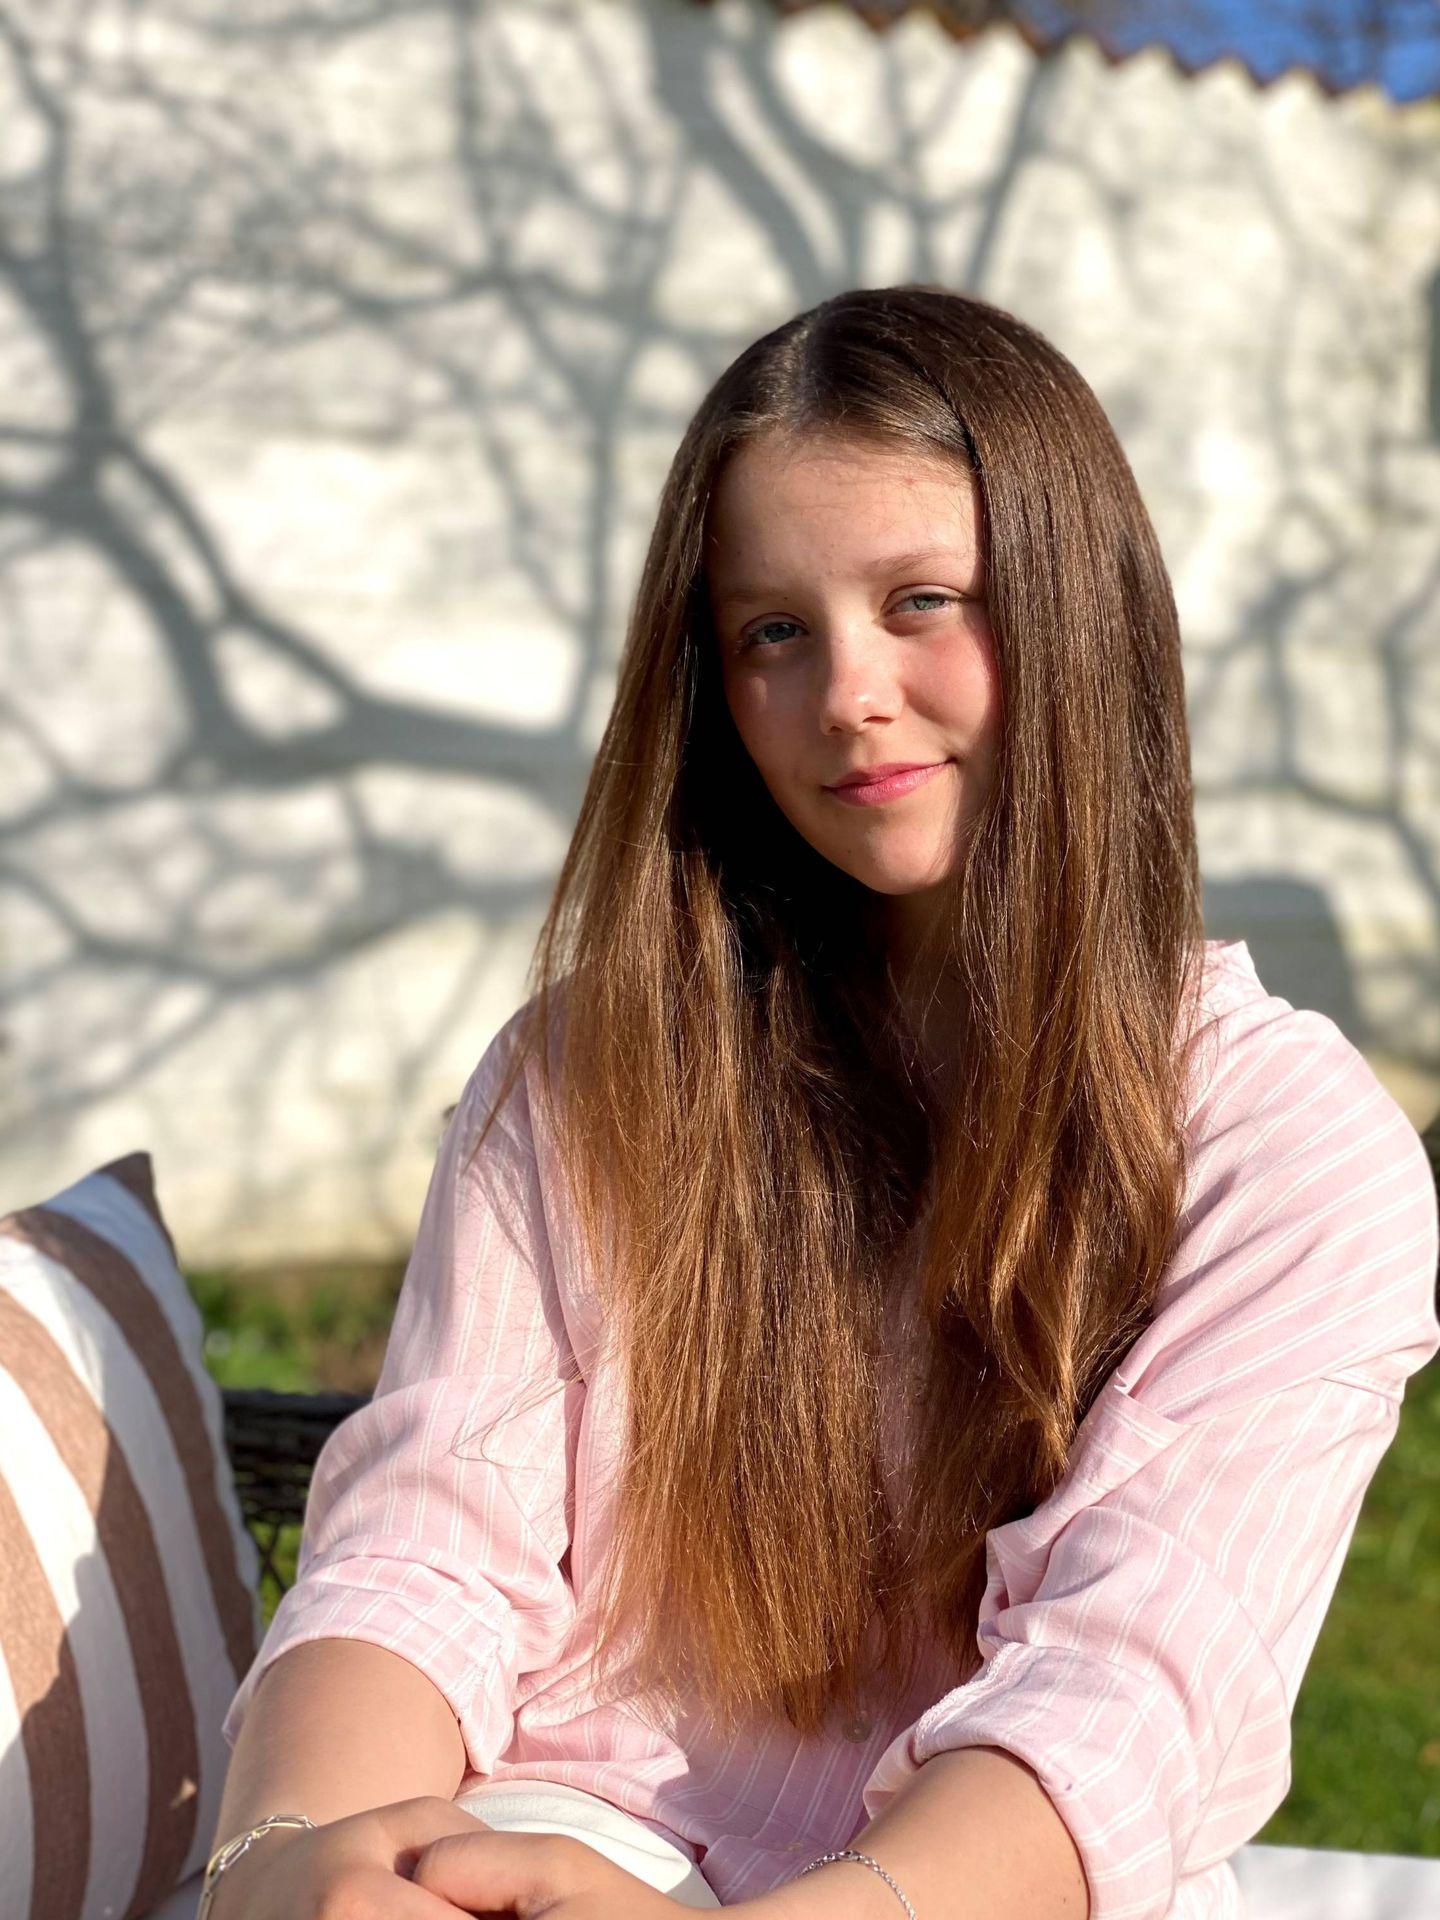 La princesa Isabella. (Princesa Mary / Casa Real de Dinamarca)